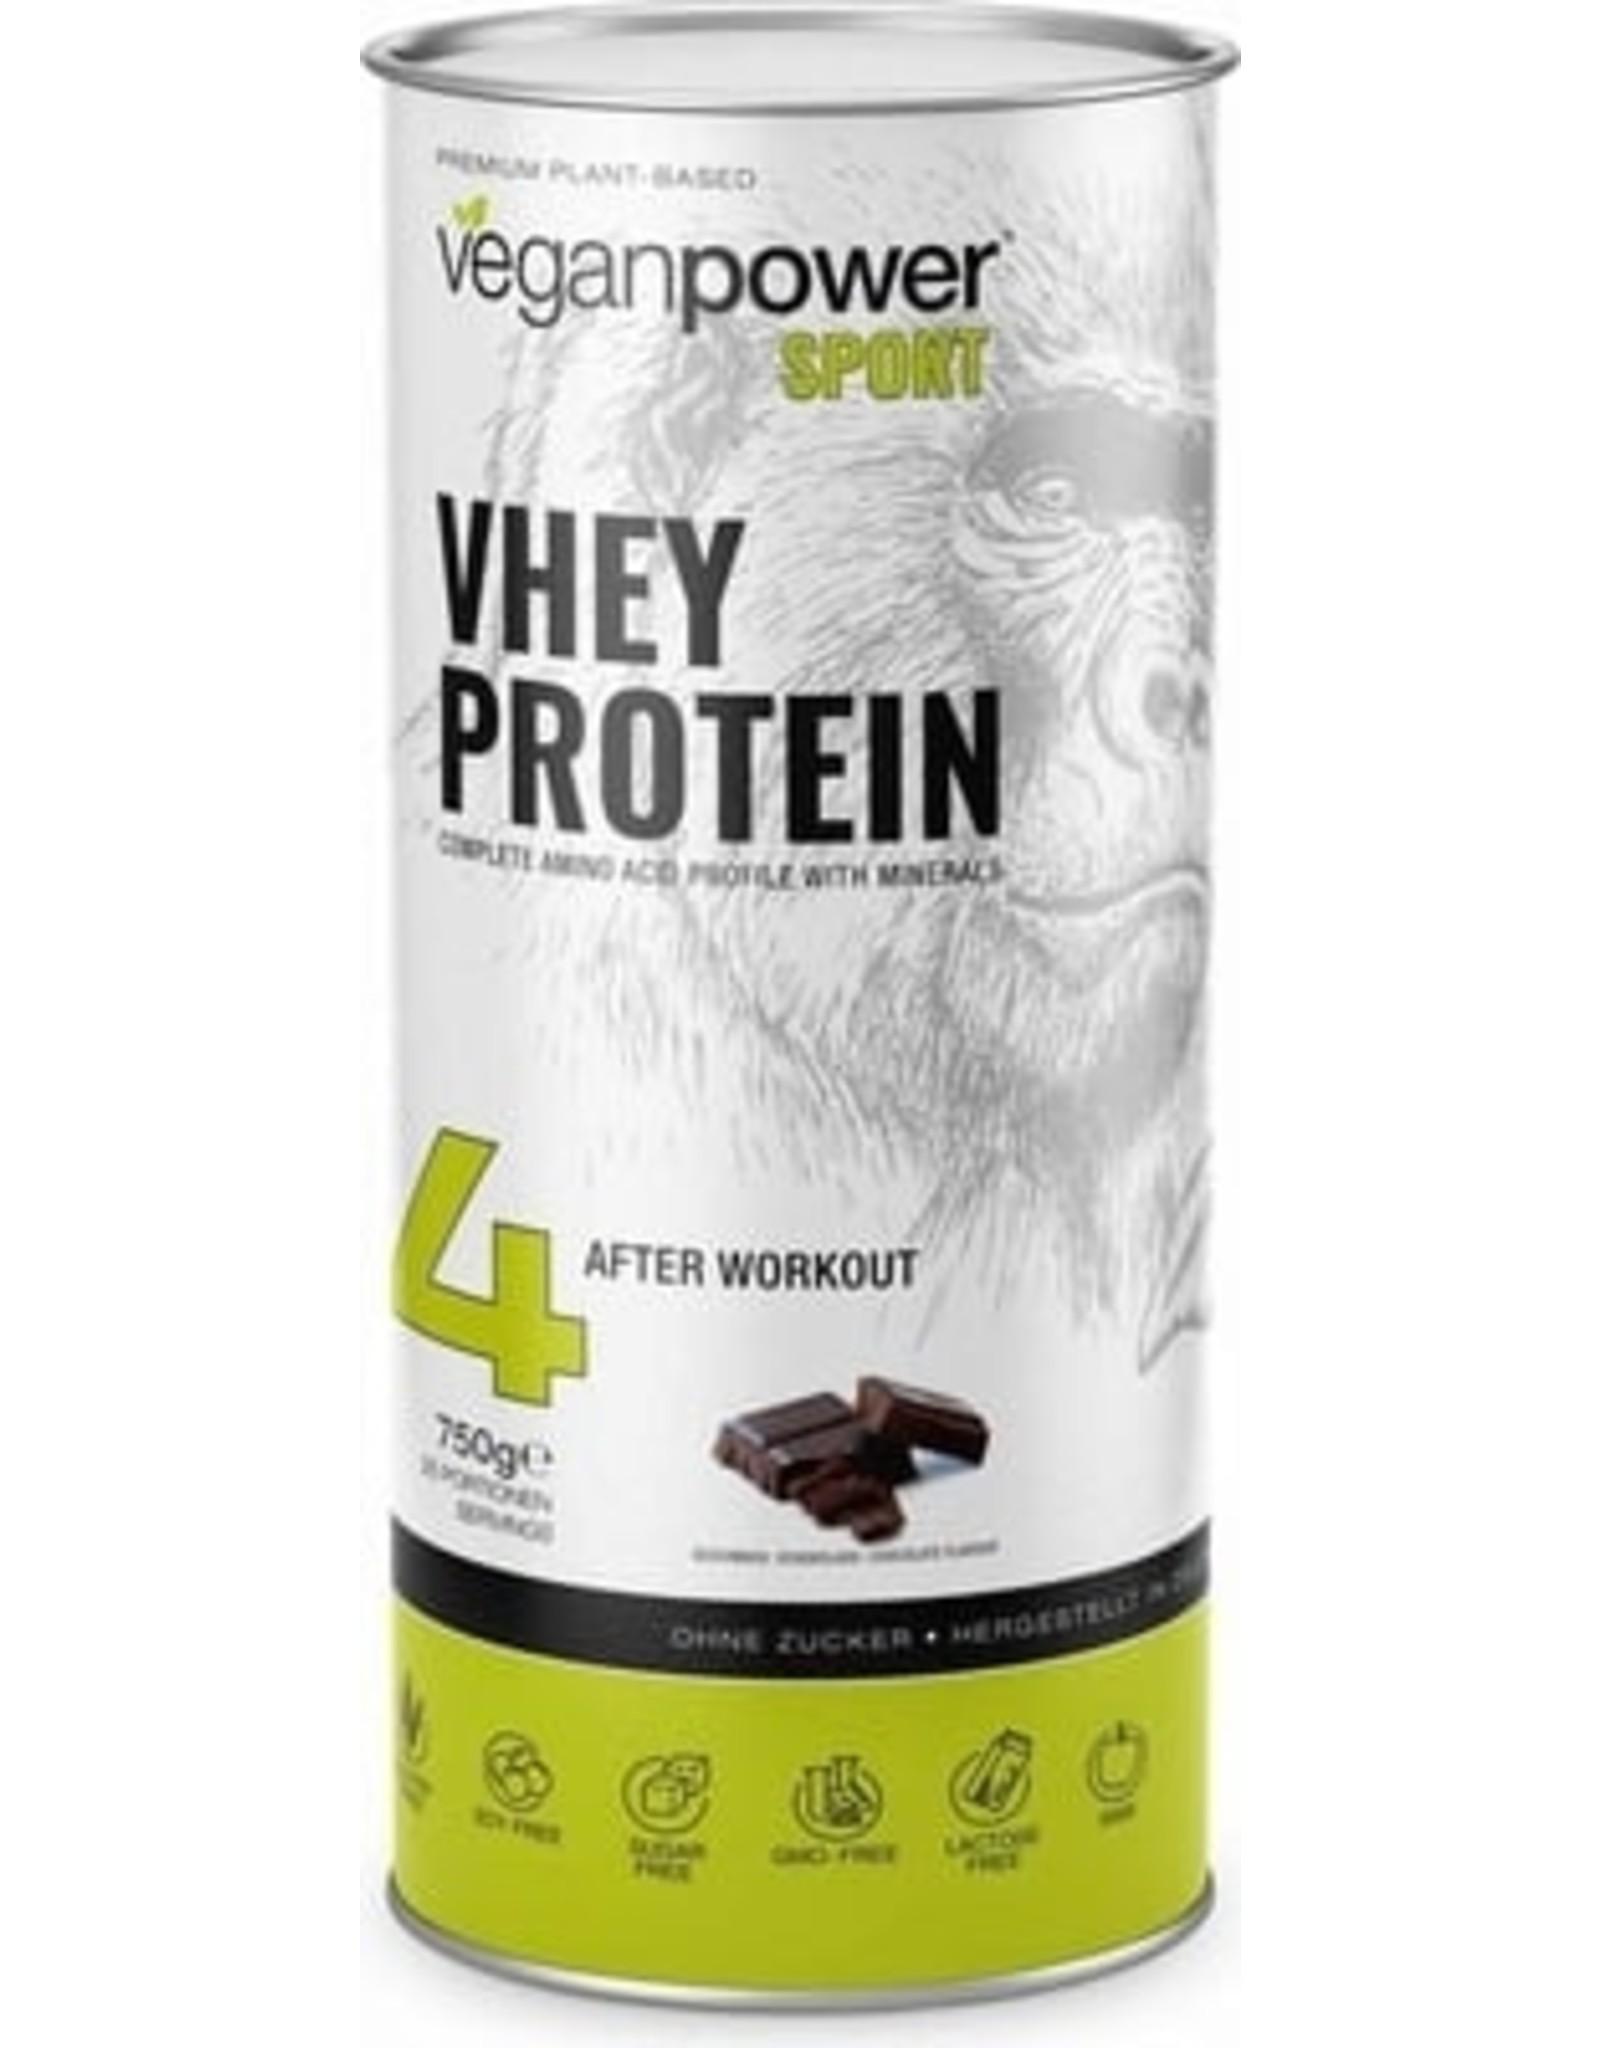 Veganpower VHEY PROTEIN MIT SCHOKOLADENGESCHMACK, 750G